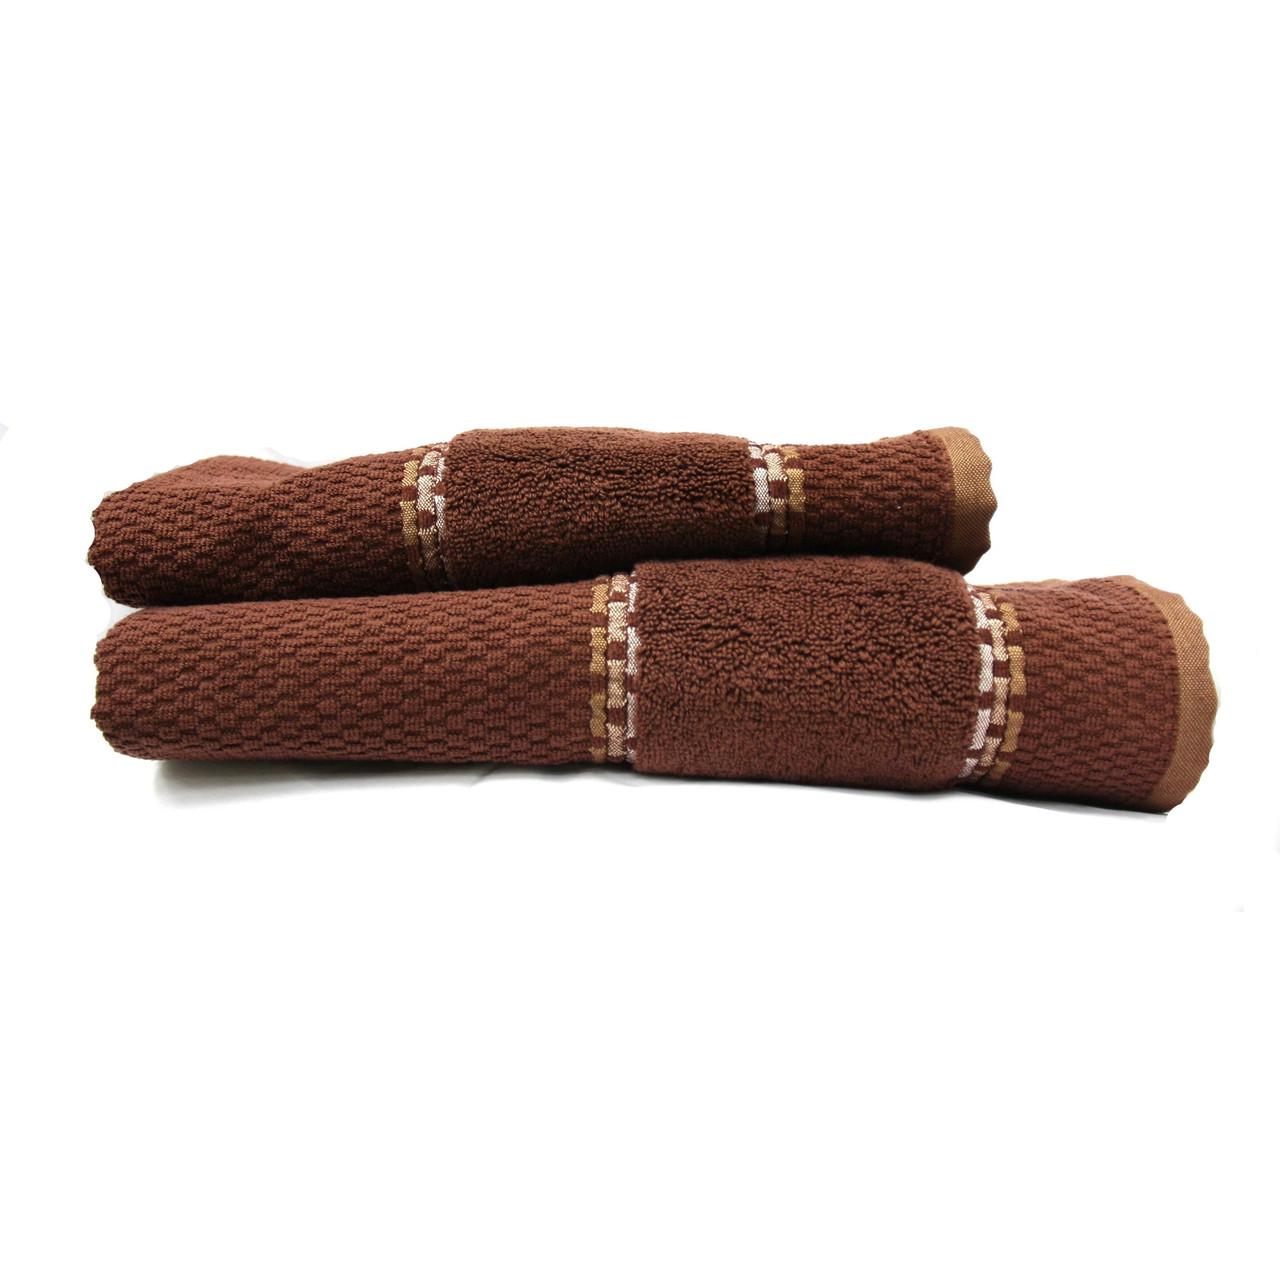 Полотенце махровое Karya, 70х140см, 500г/м2 (тёмно-коричневое)